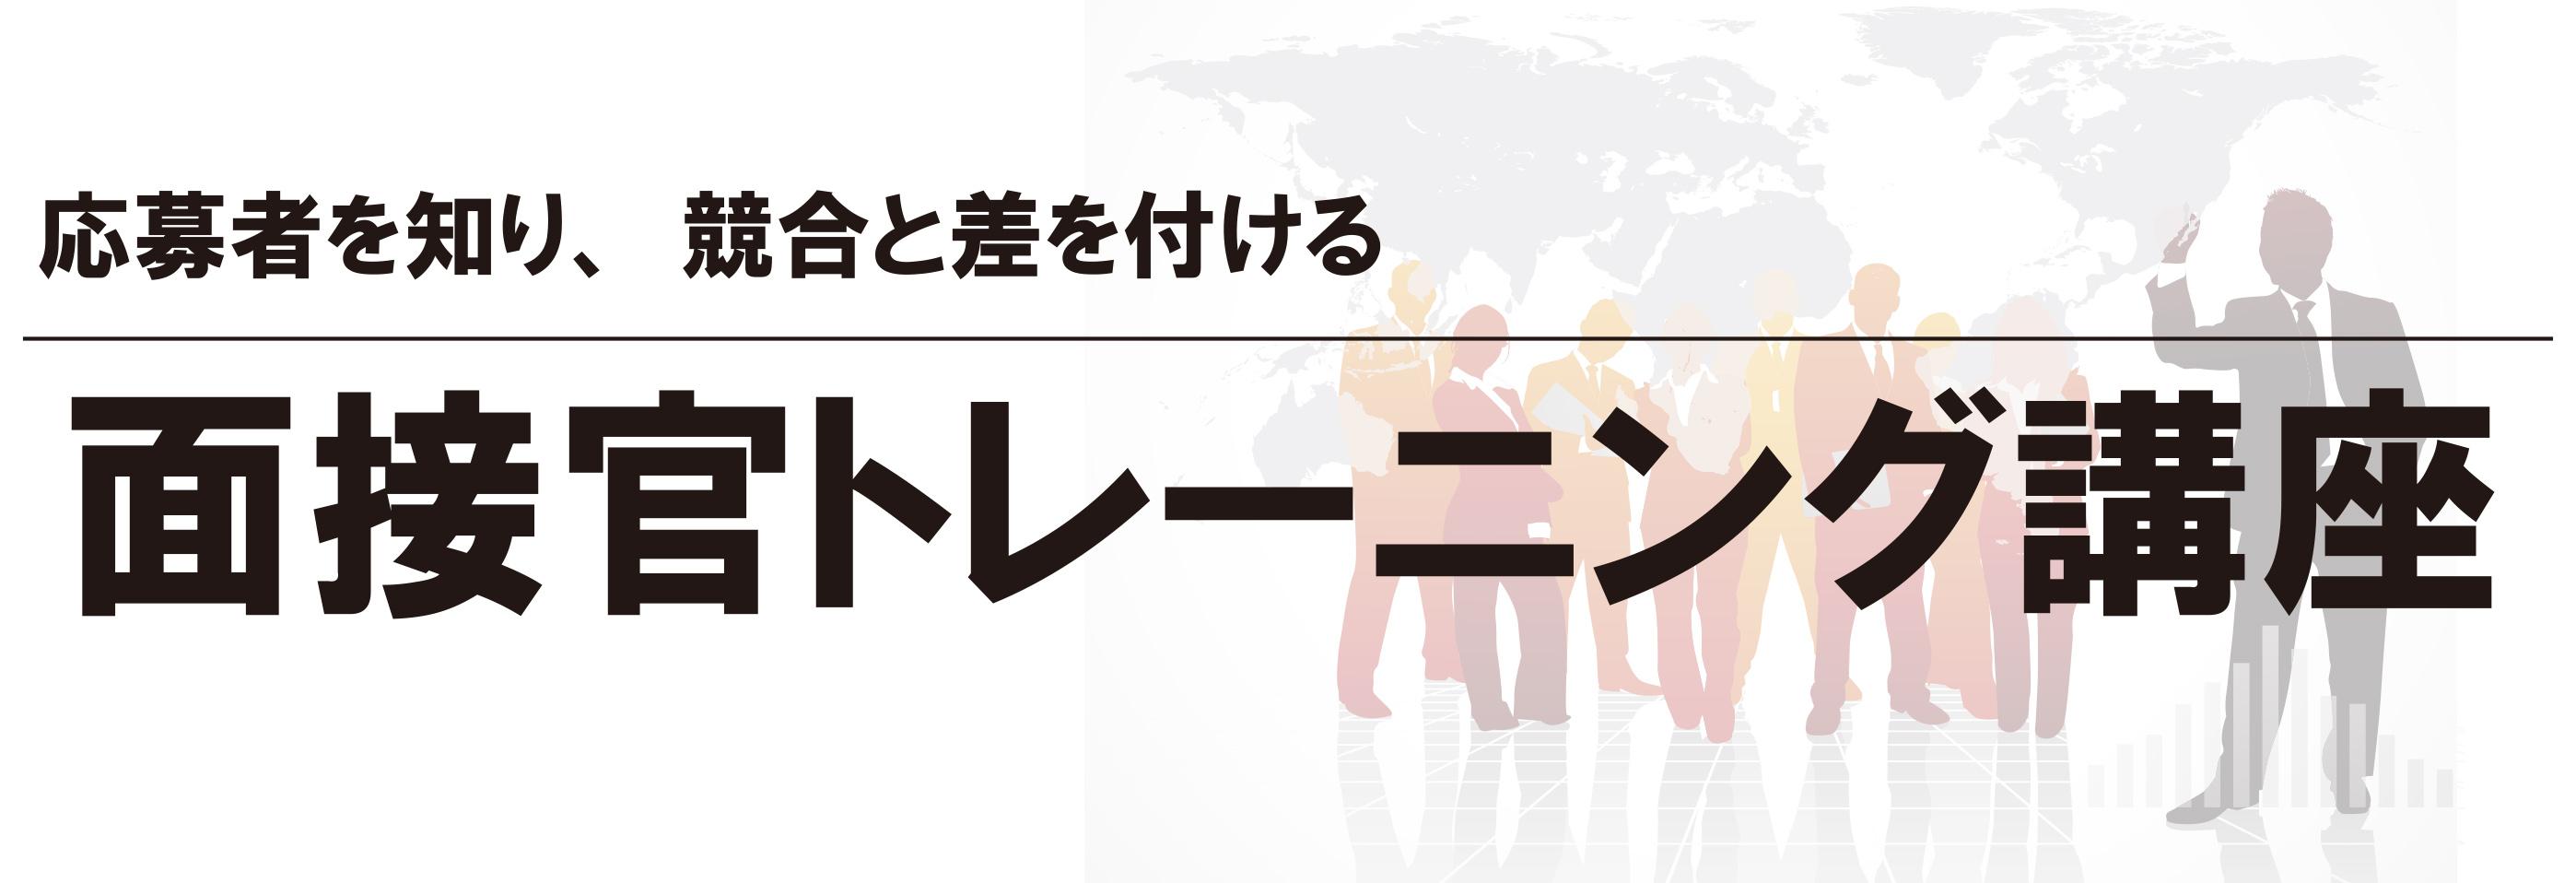 【熊日ビジネスセミナー】面接官トレーニング講座